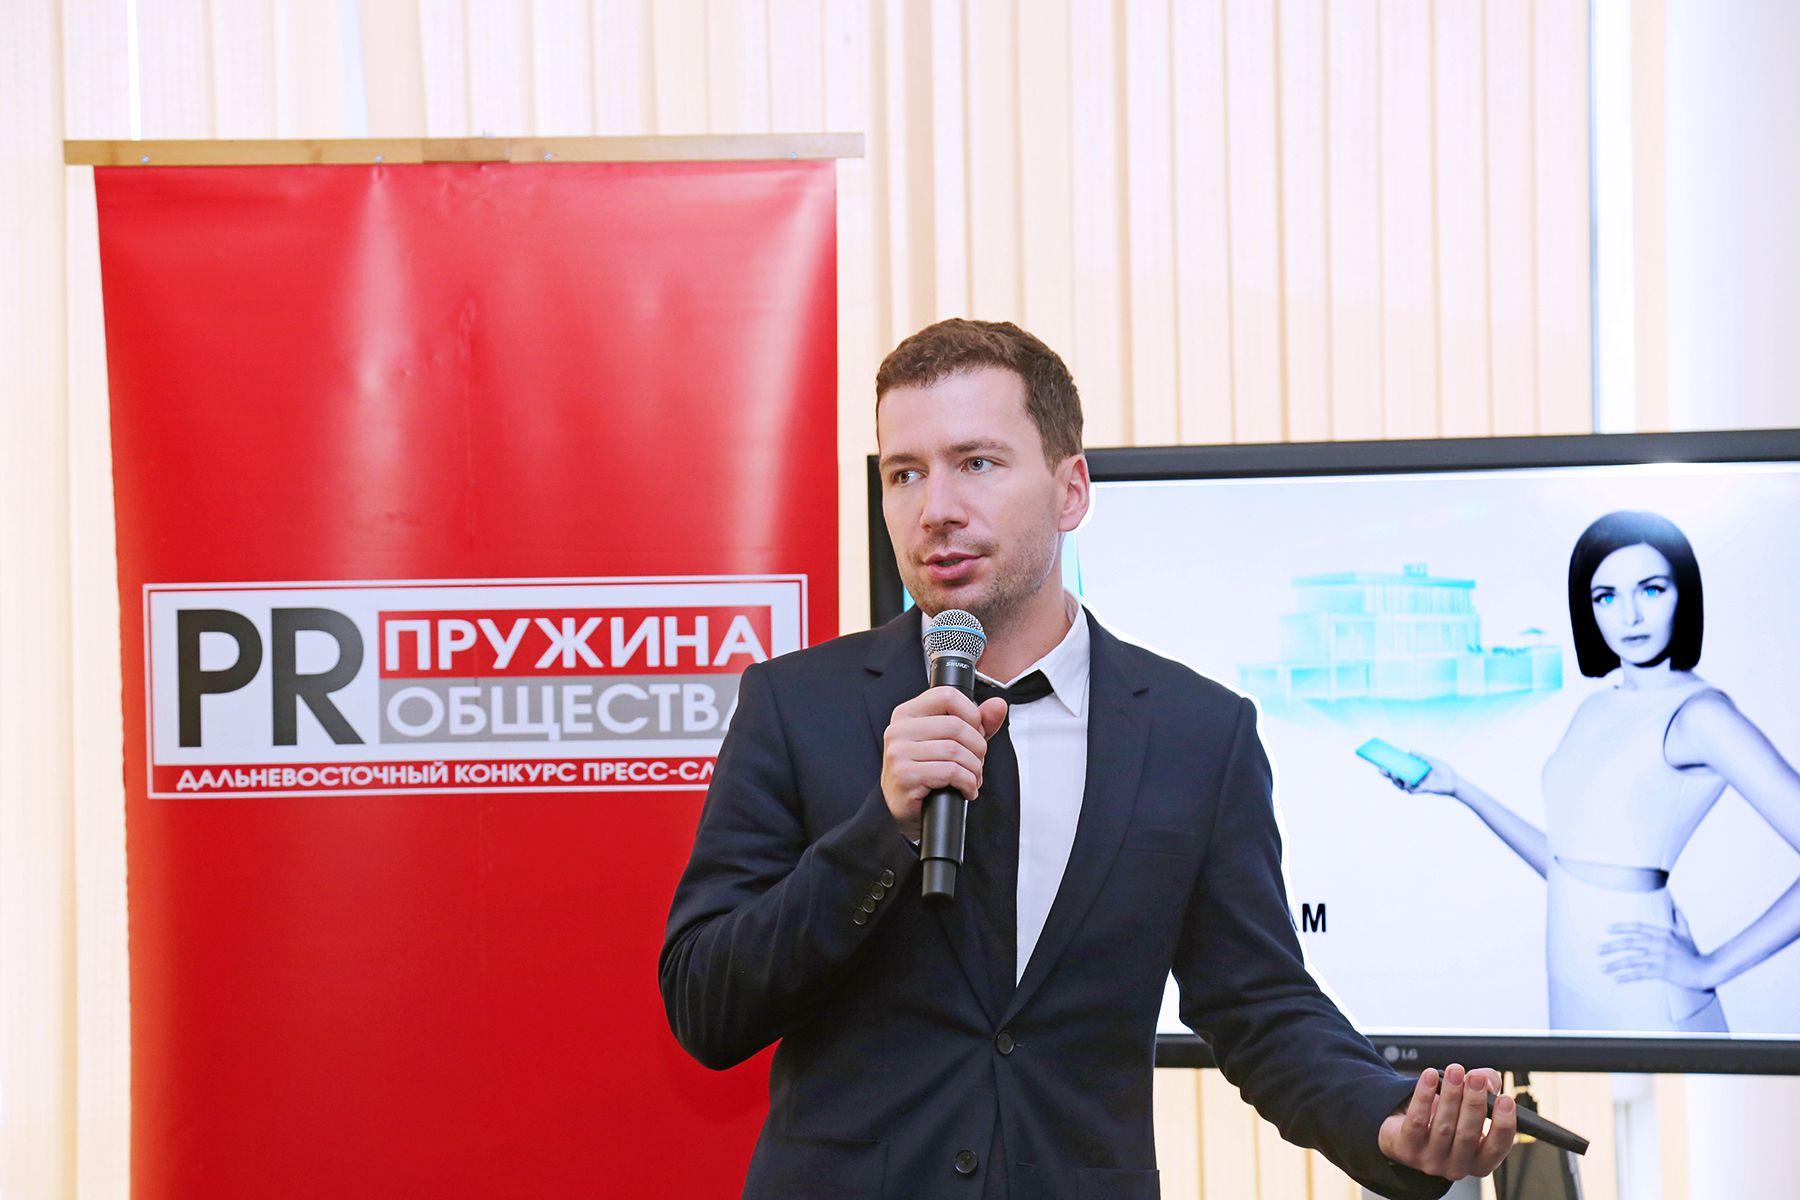 Дальневосточные компании справились достойно: лучшие проекты были представлены на секции ВГУЭС «PR в период пандемии»